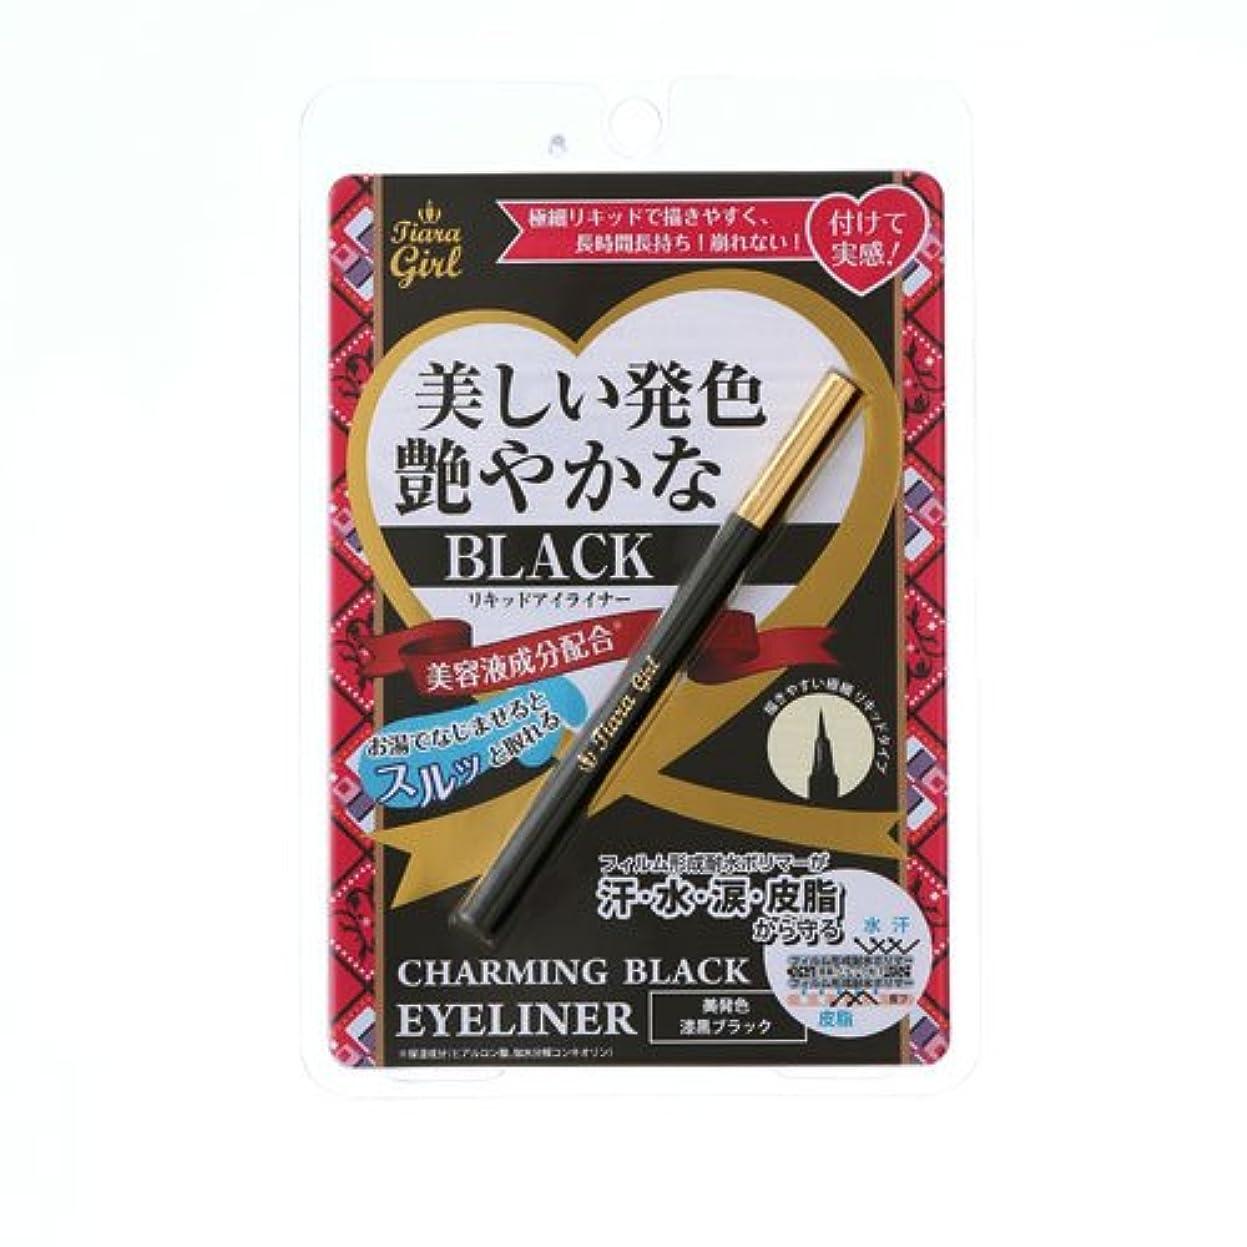 振る舞う可能性交換お得な2本セット 美容液成分配合 ティアラガール チャーミング ブラック アイライナー 0.4g